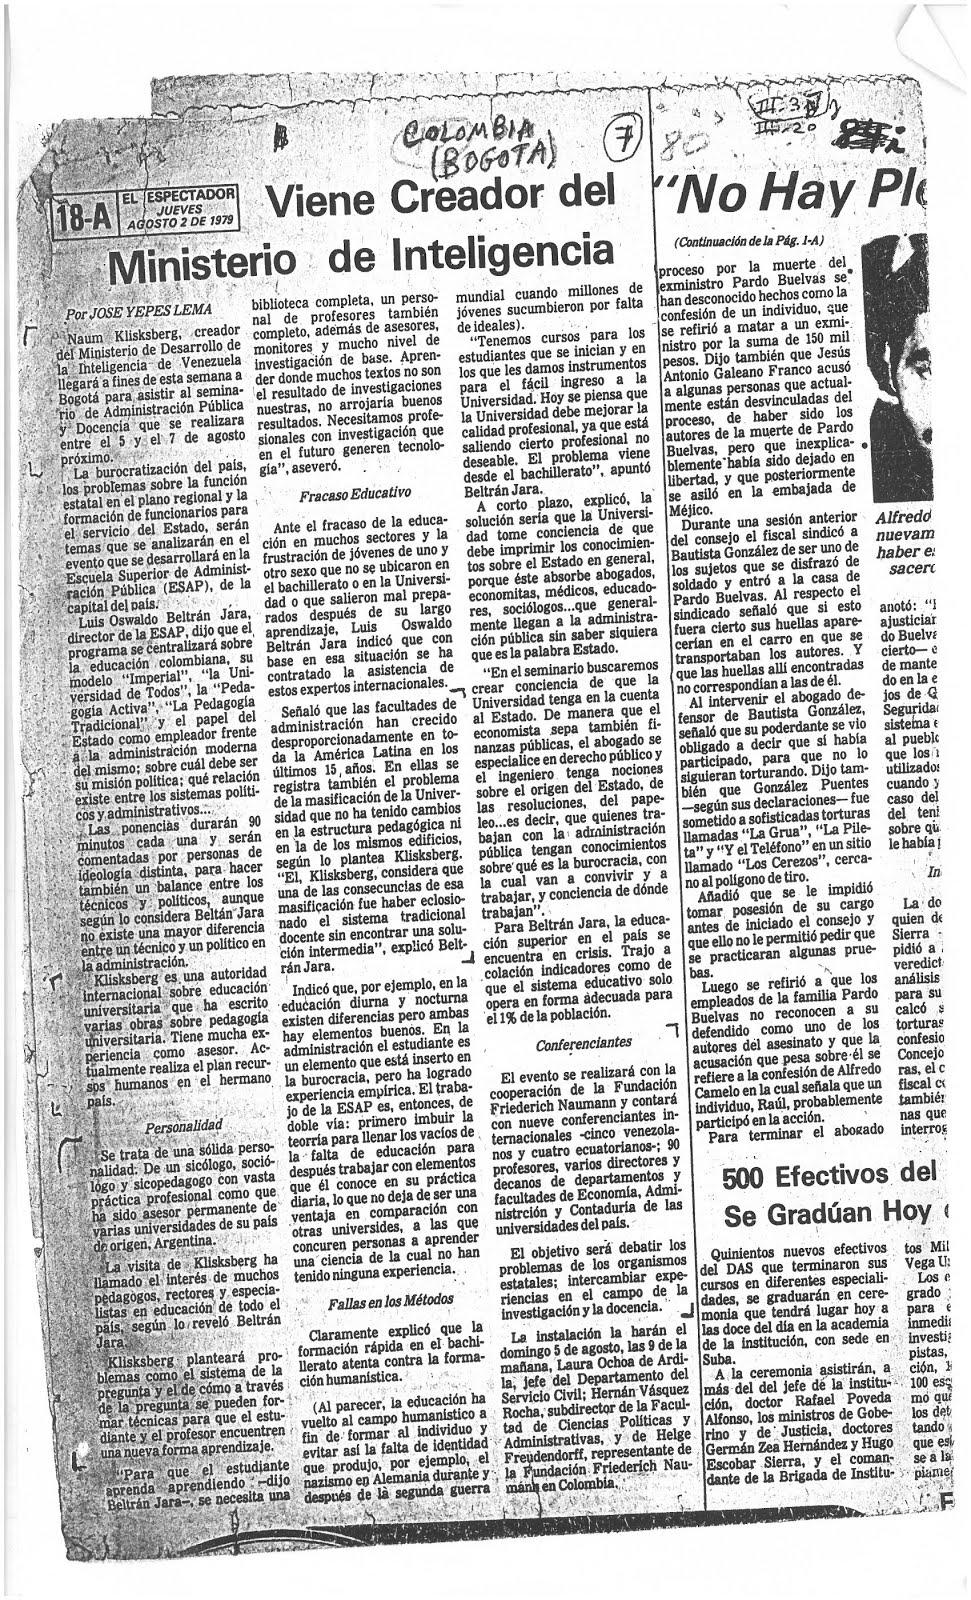 16 - Periódico de Colombia El Espectador. 02/08/1979. En ocasión de